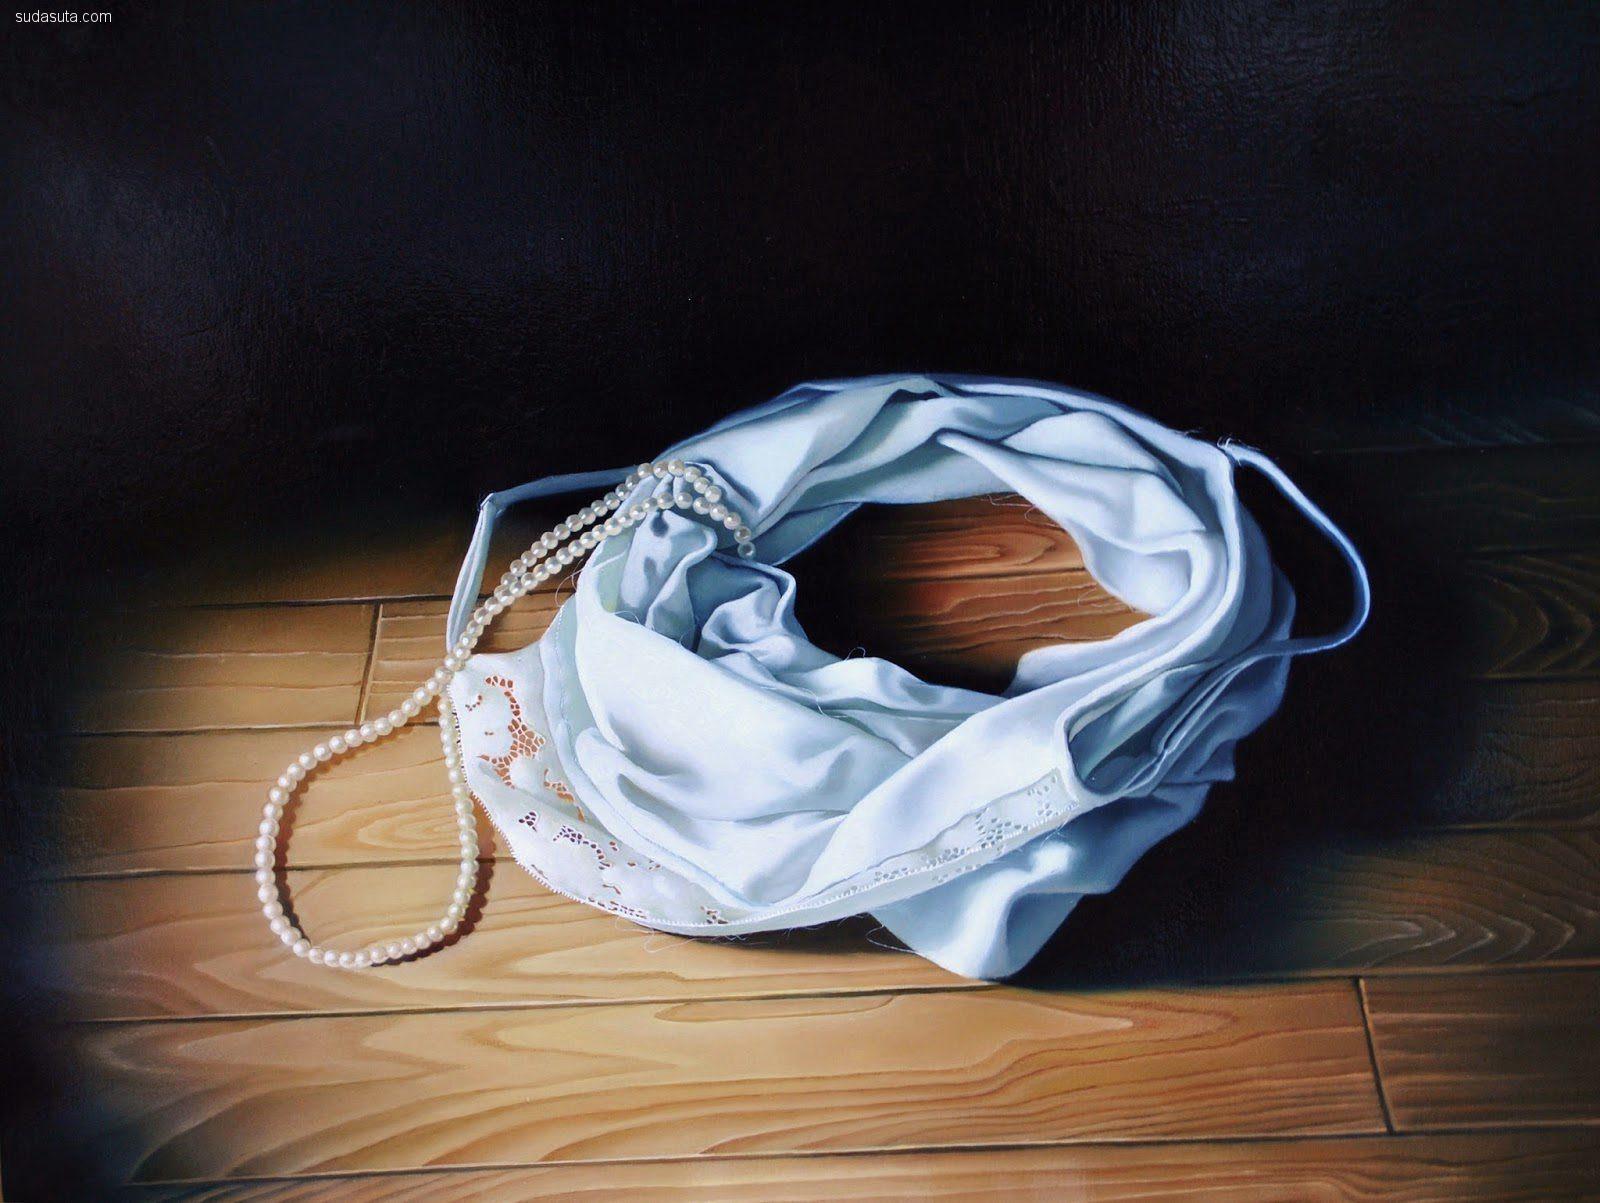 松川朋奈 Tomona Matsukawa 绘画艺术欣赏